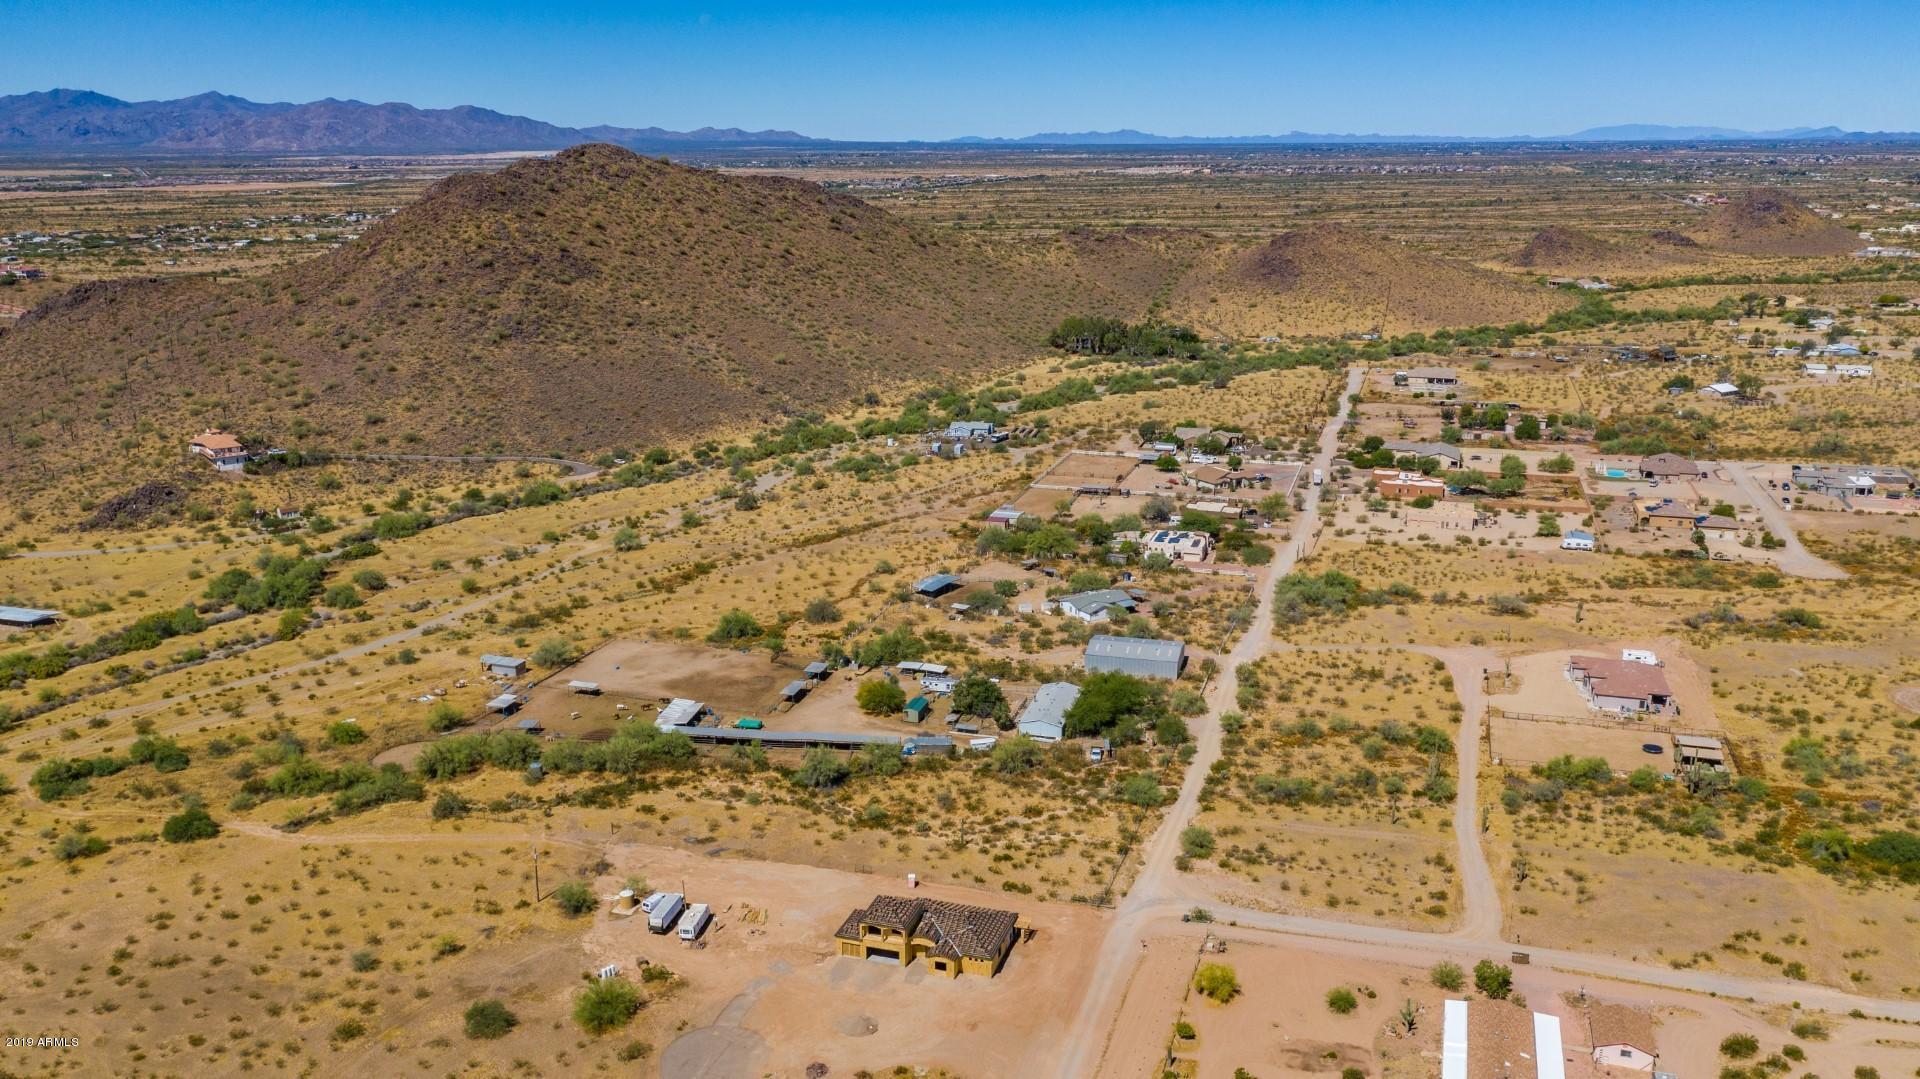 MLS 5936991 14728 N BLACK HILL Road, Surprise, AZ 85387 Surprise AZ Newly Built